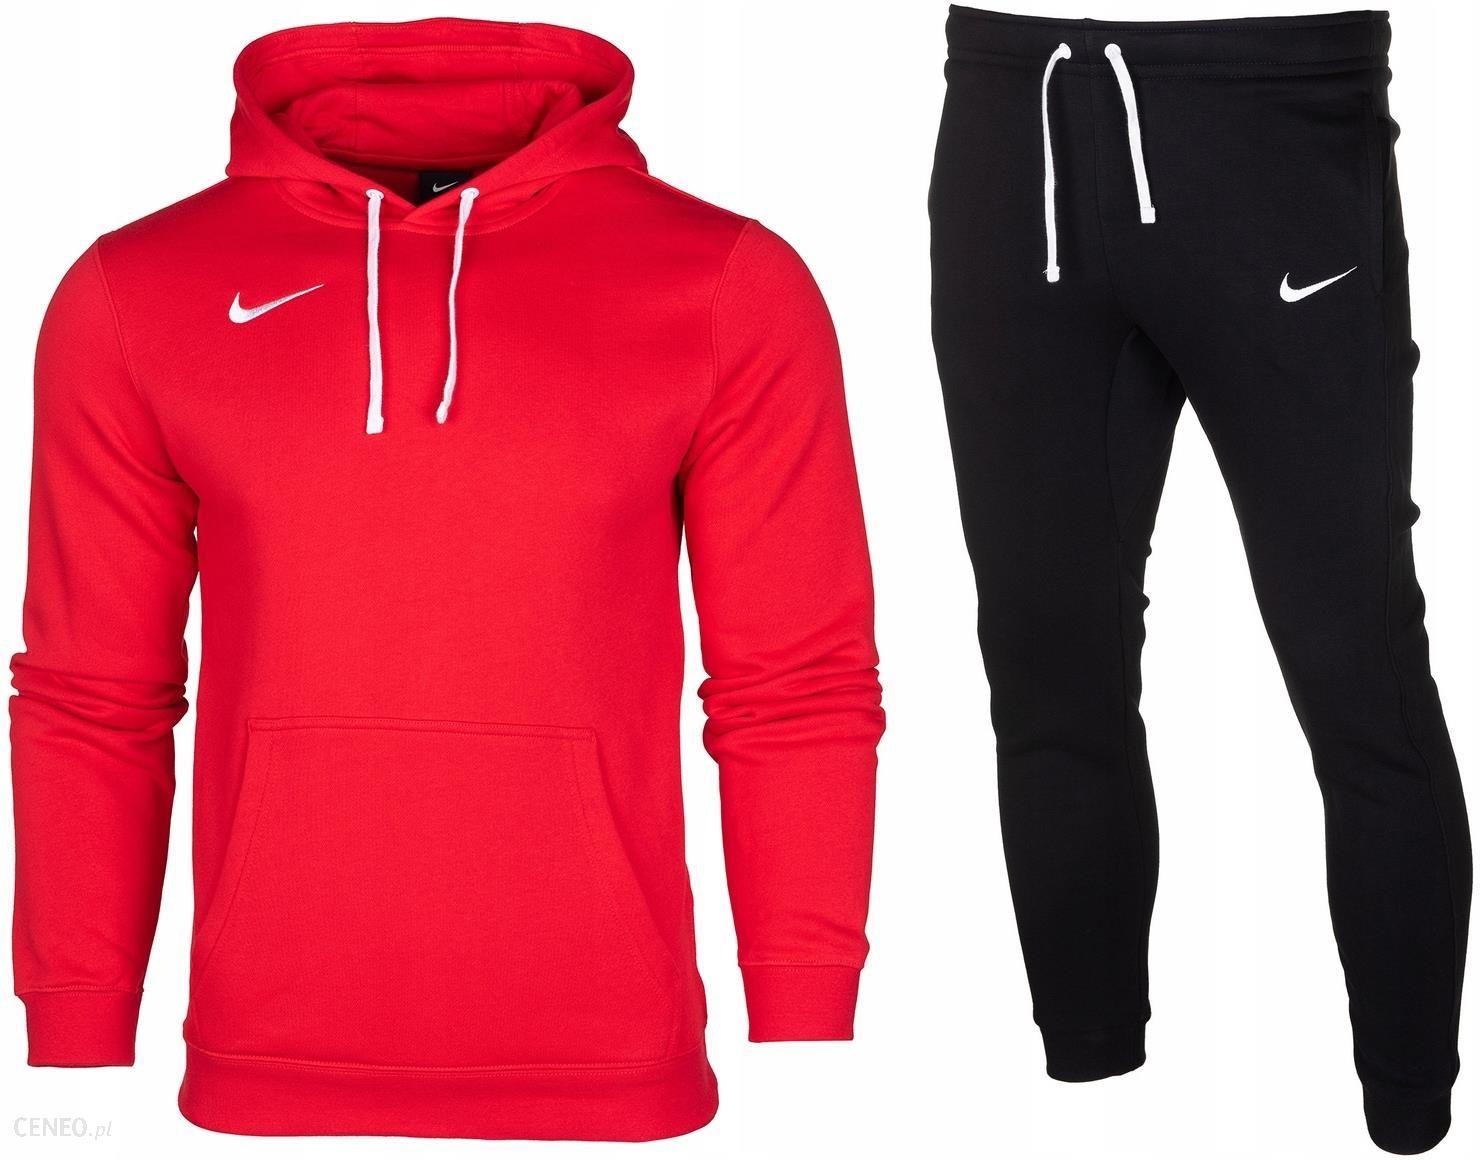 świetna jakość nowa wysoka jakość najniższa cena Nike dres kompletny meski spodnie bluza roz XL - Ceny i opinie - Ceneo.pl